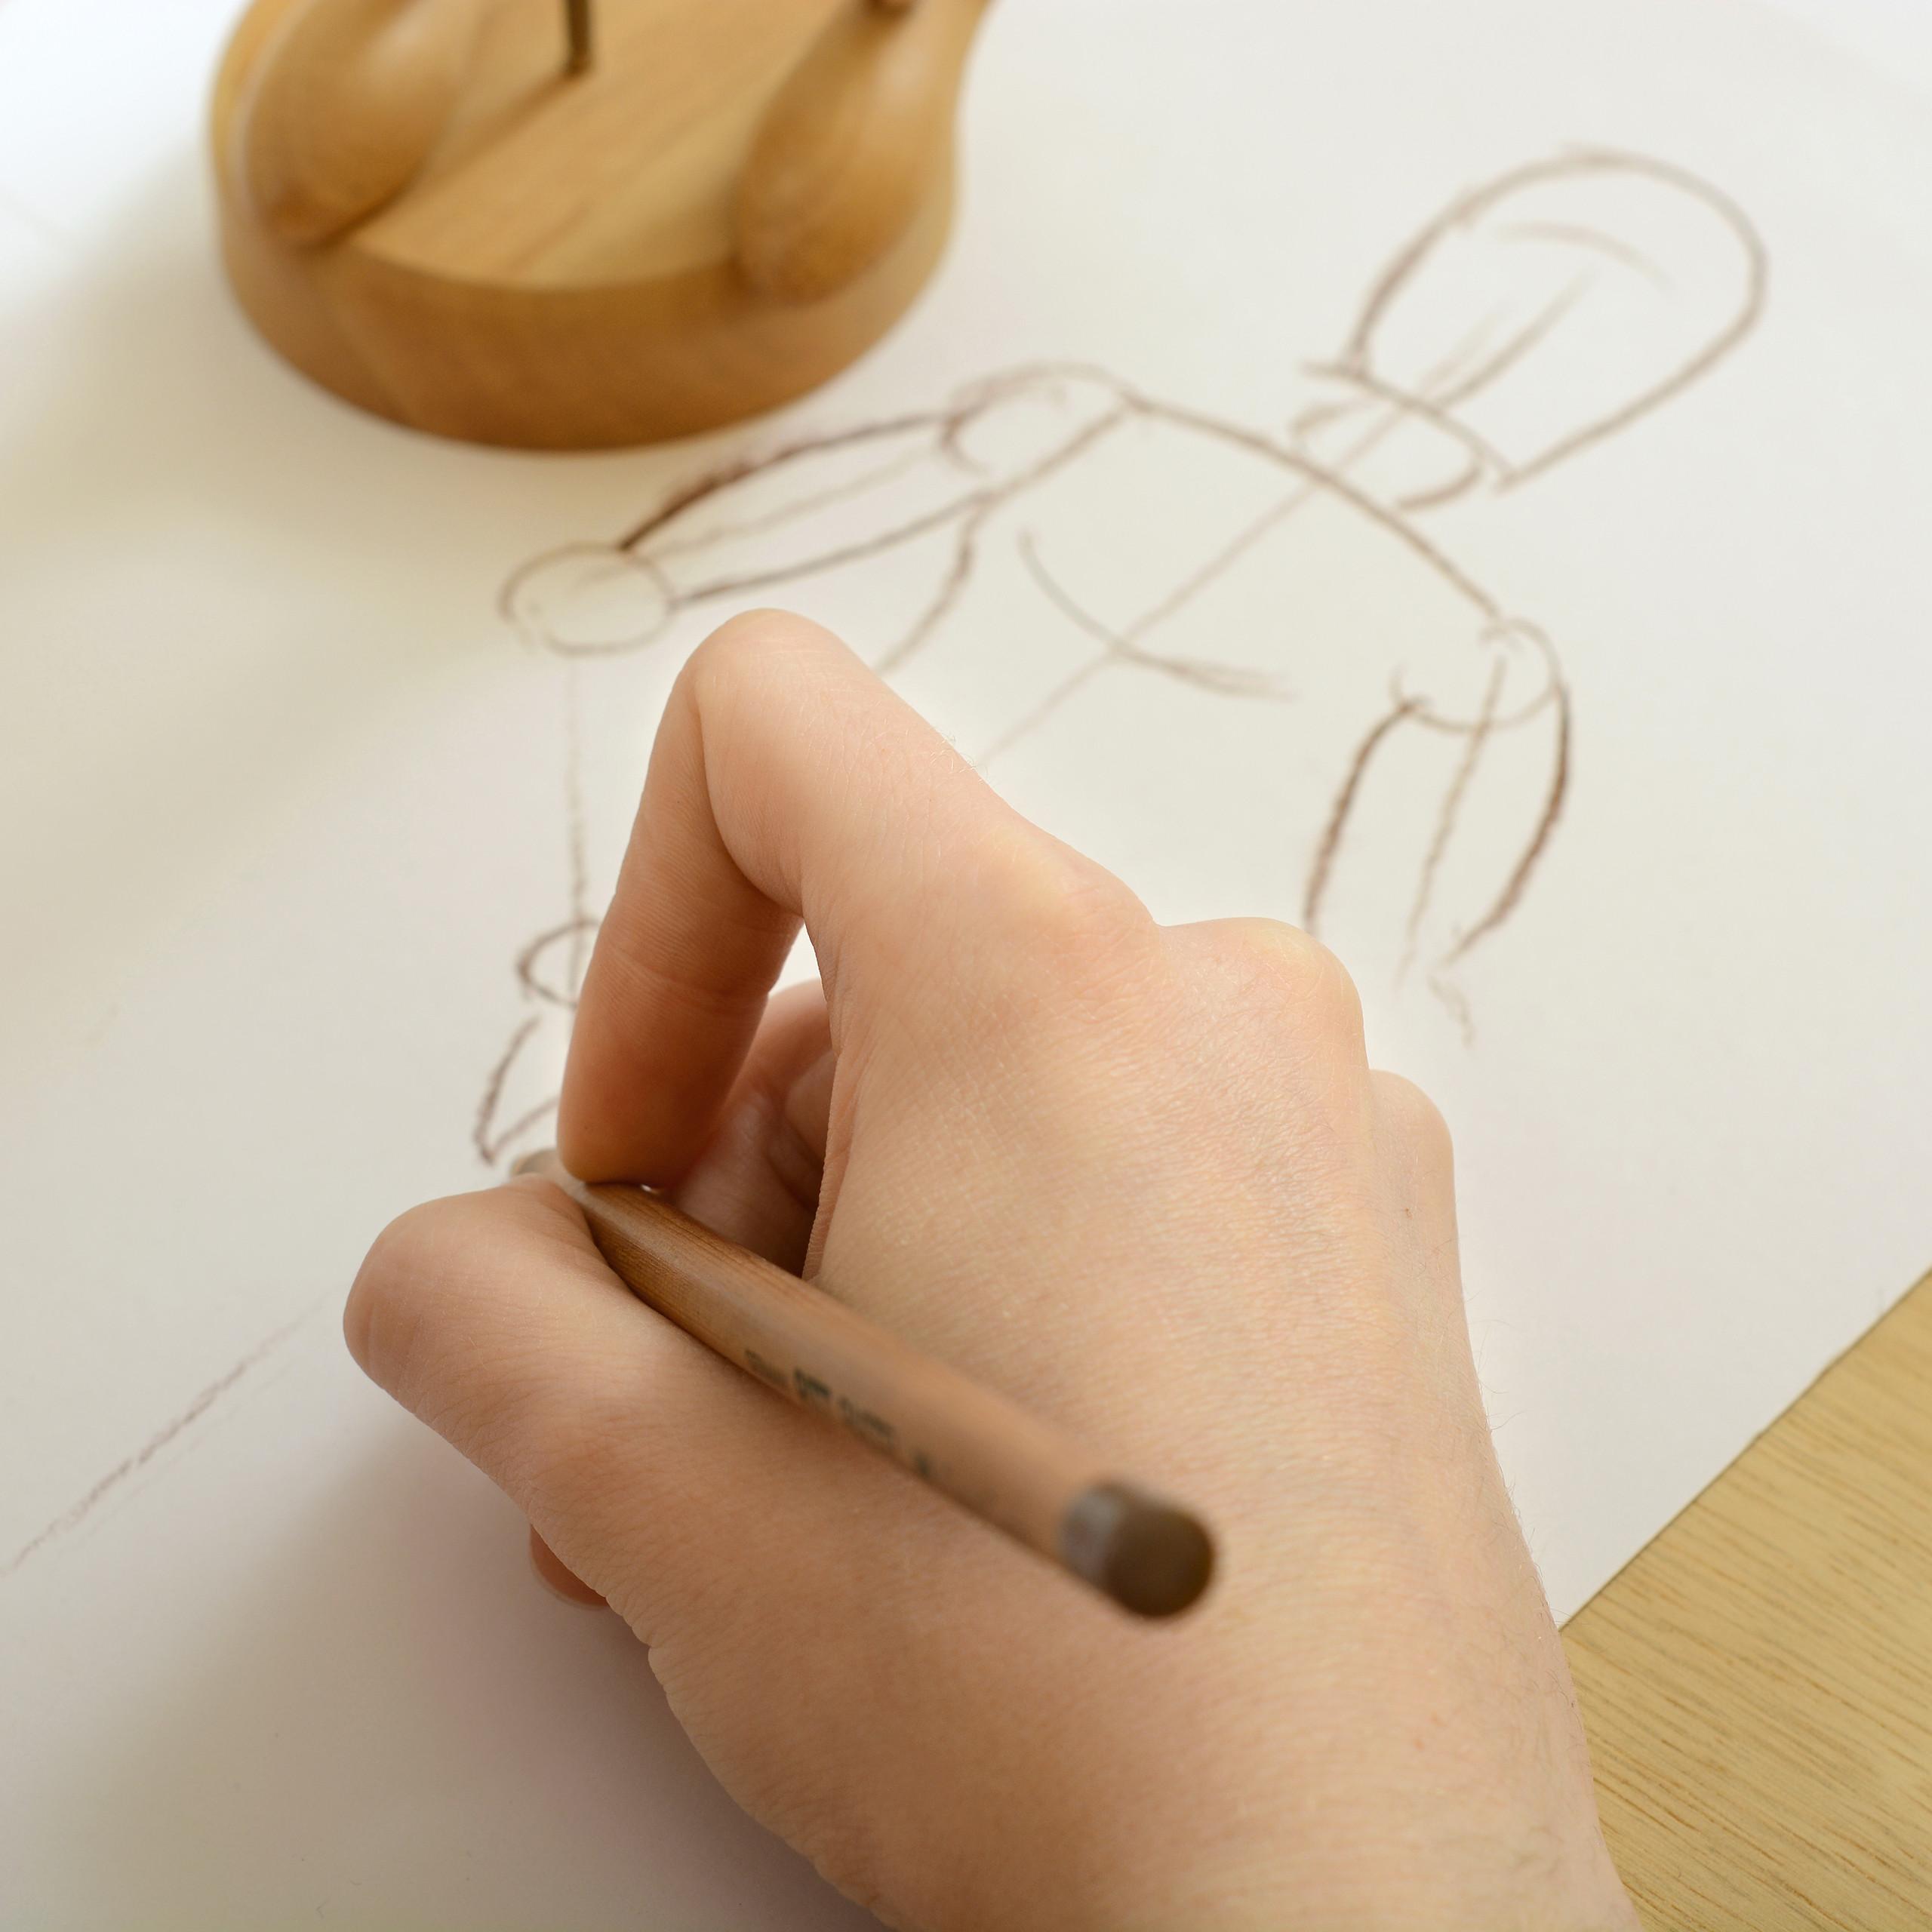 Gliederpuppe-Malhilfe-Malfigur-Holzpuppe-Modellpuppe-Zeichenpuppe-Gelenkpuppe Indexbild 10